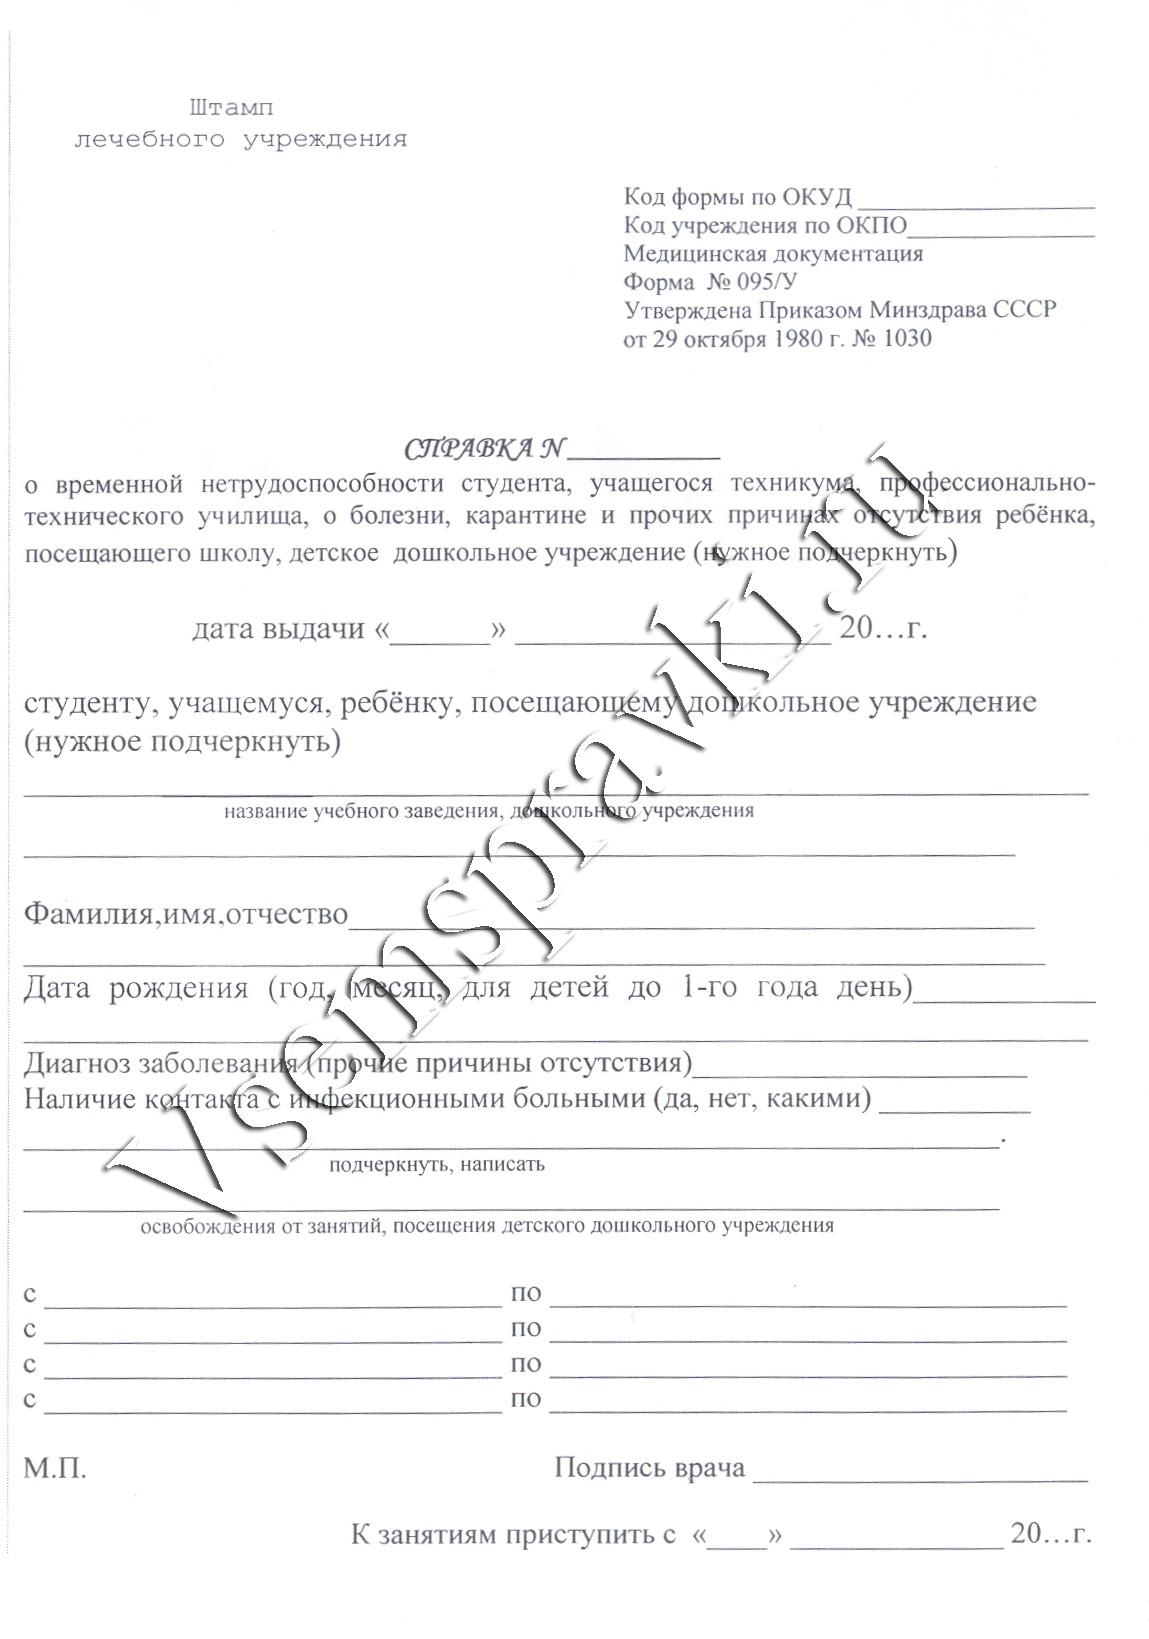 распечатать бланк медкомиссии 001-гсу